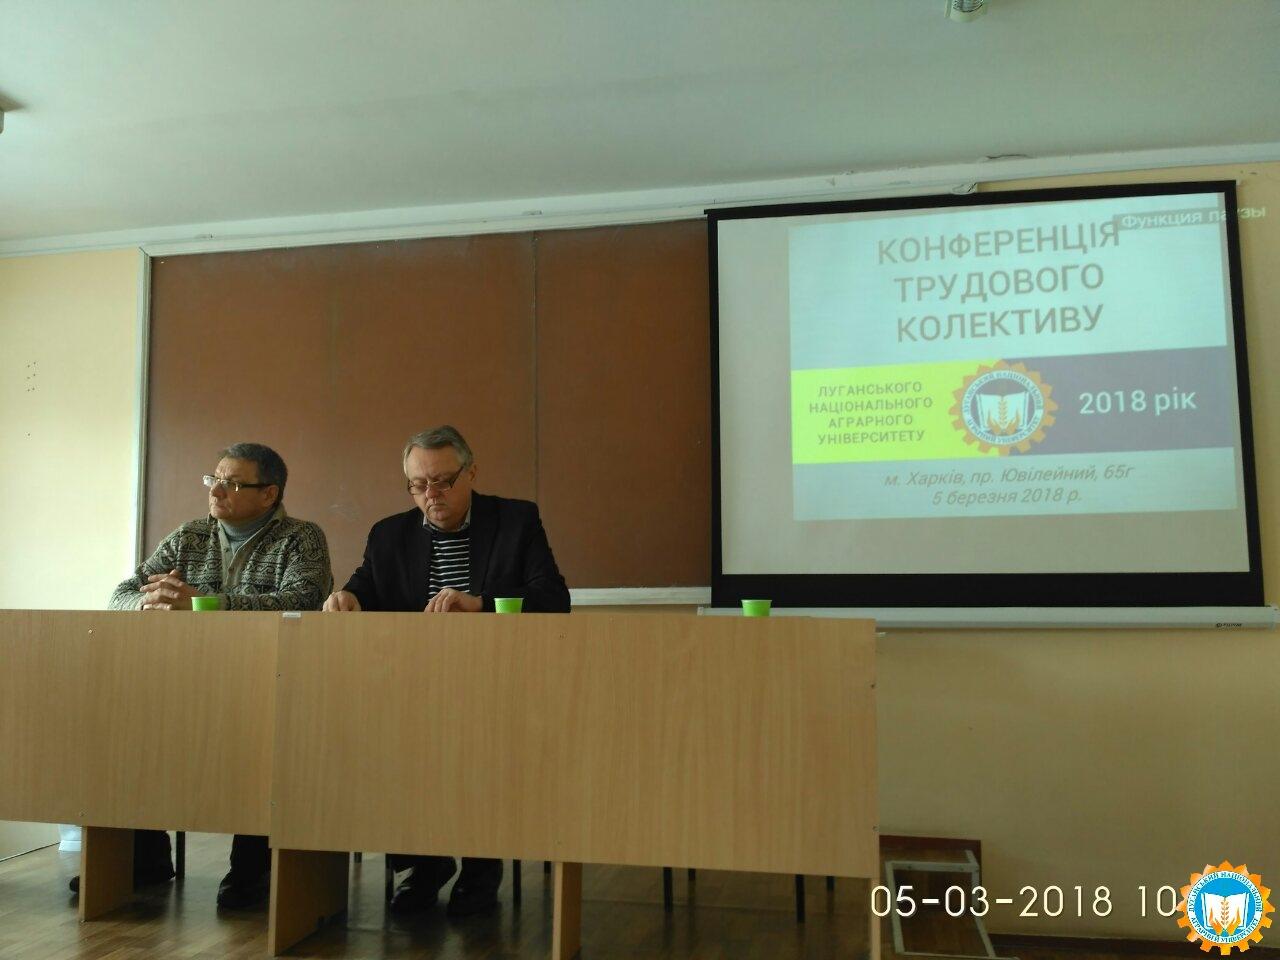 KonferentsiiaTrudovohoKolektyvu-2018_02